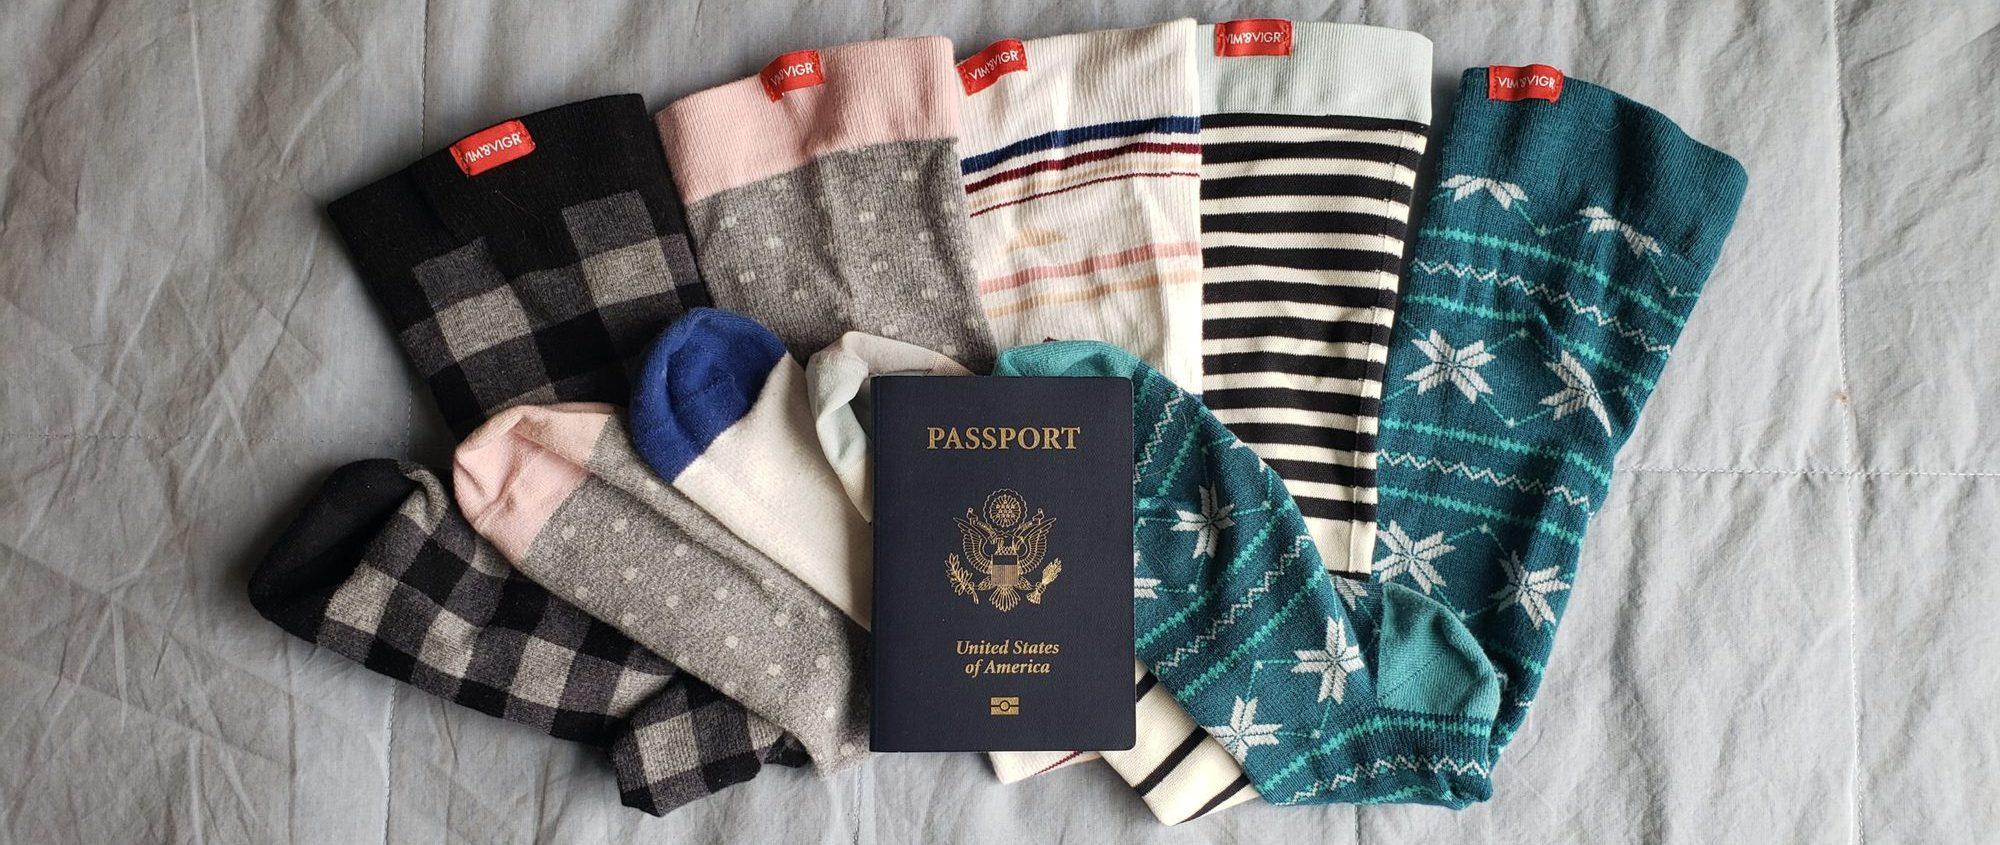 compression socks for travel